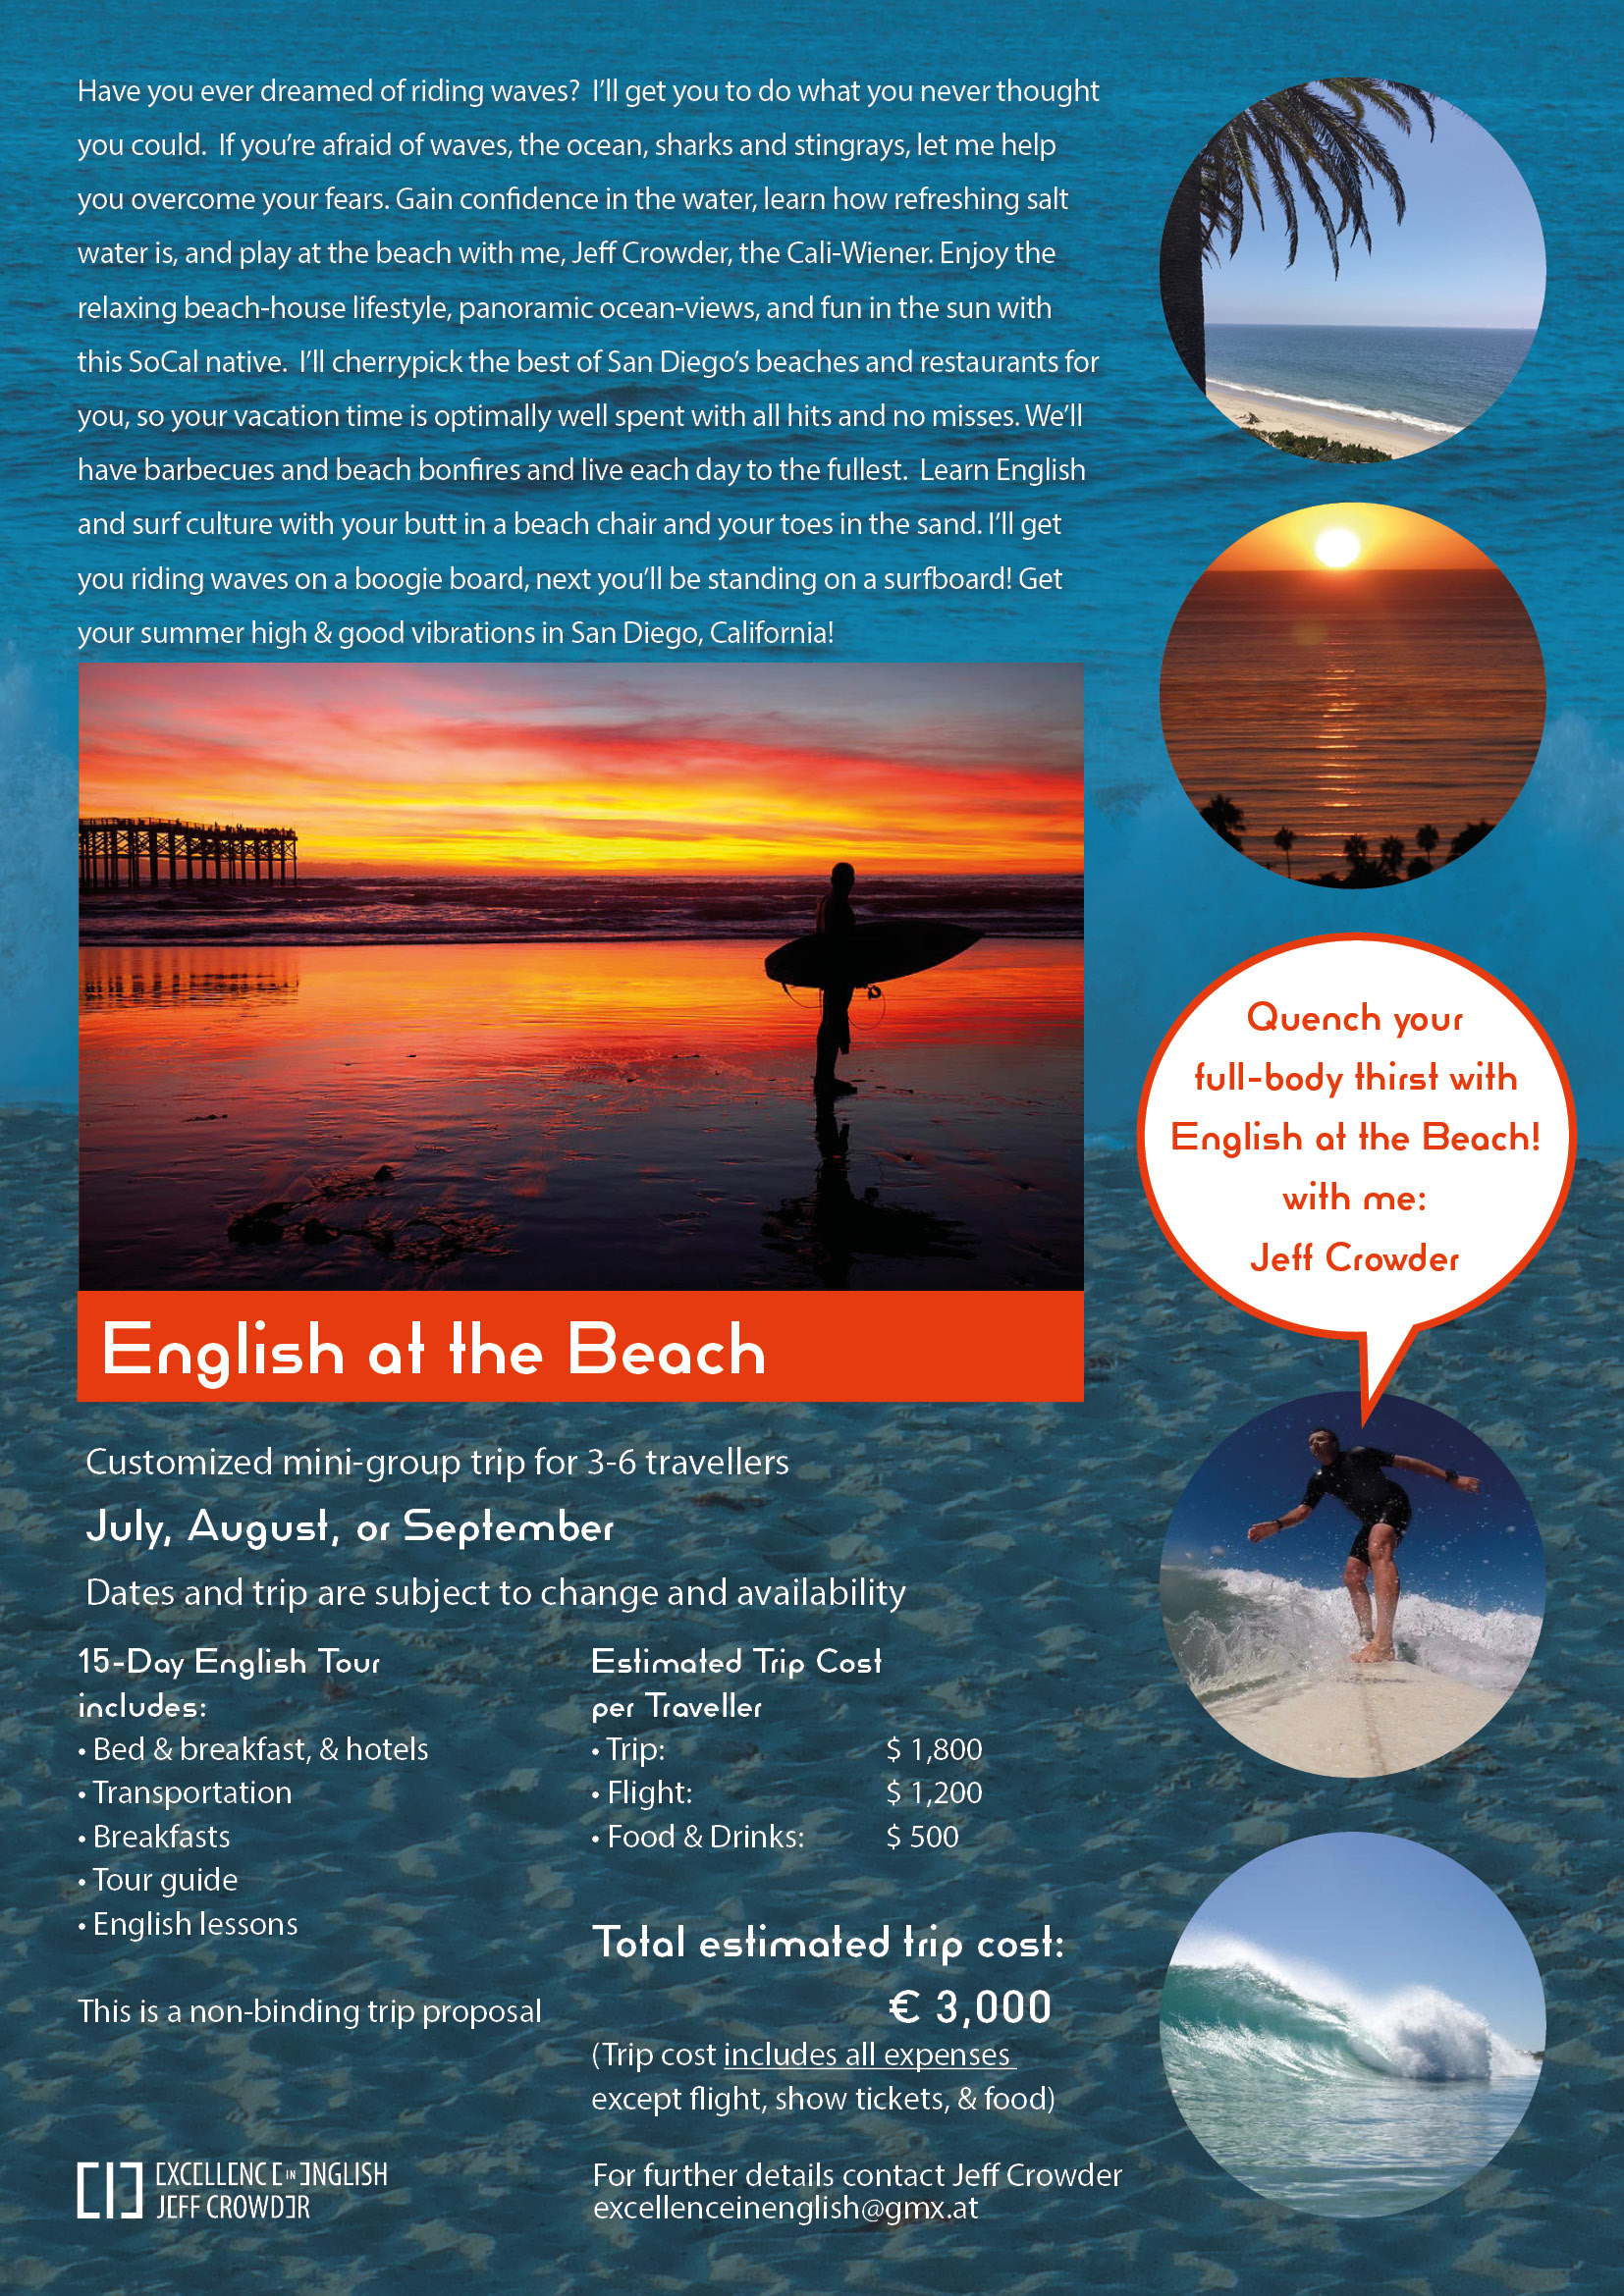 _English at the Beach.jpg